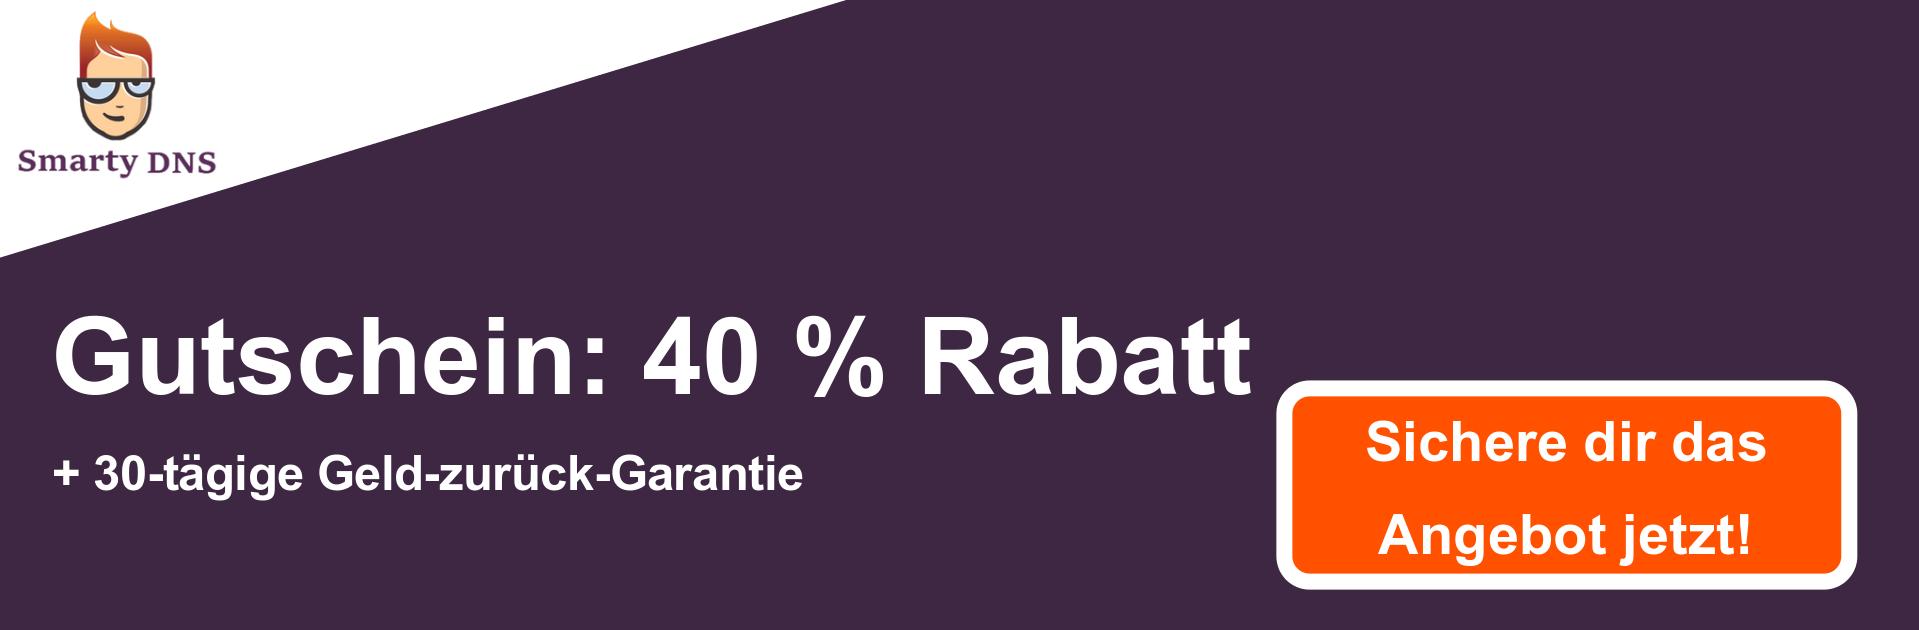 SmartyDNS-Gutscheinbanner - 40% Rabatt